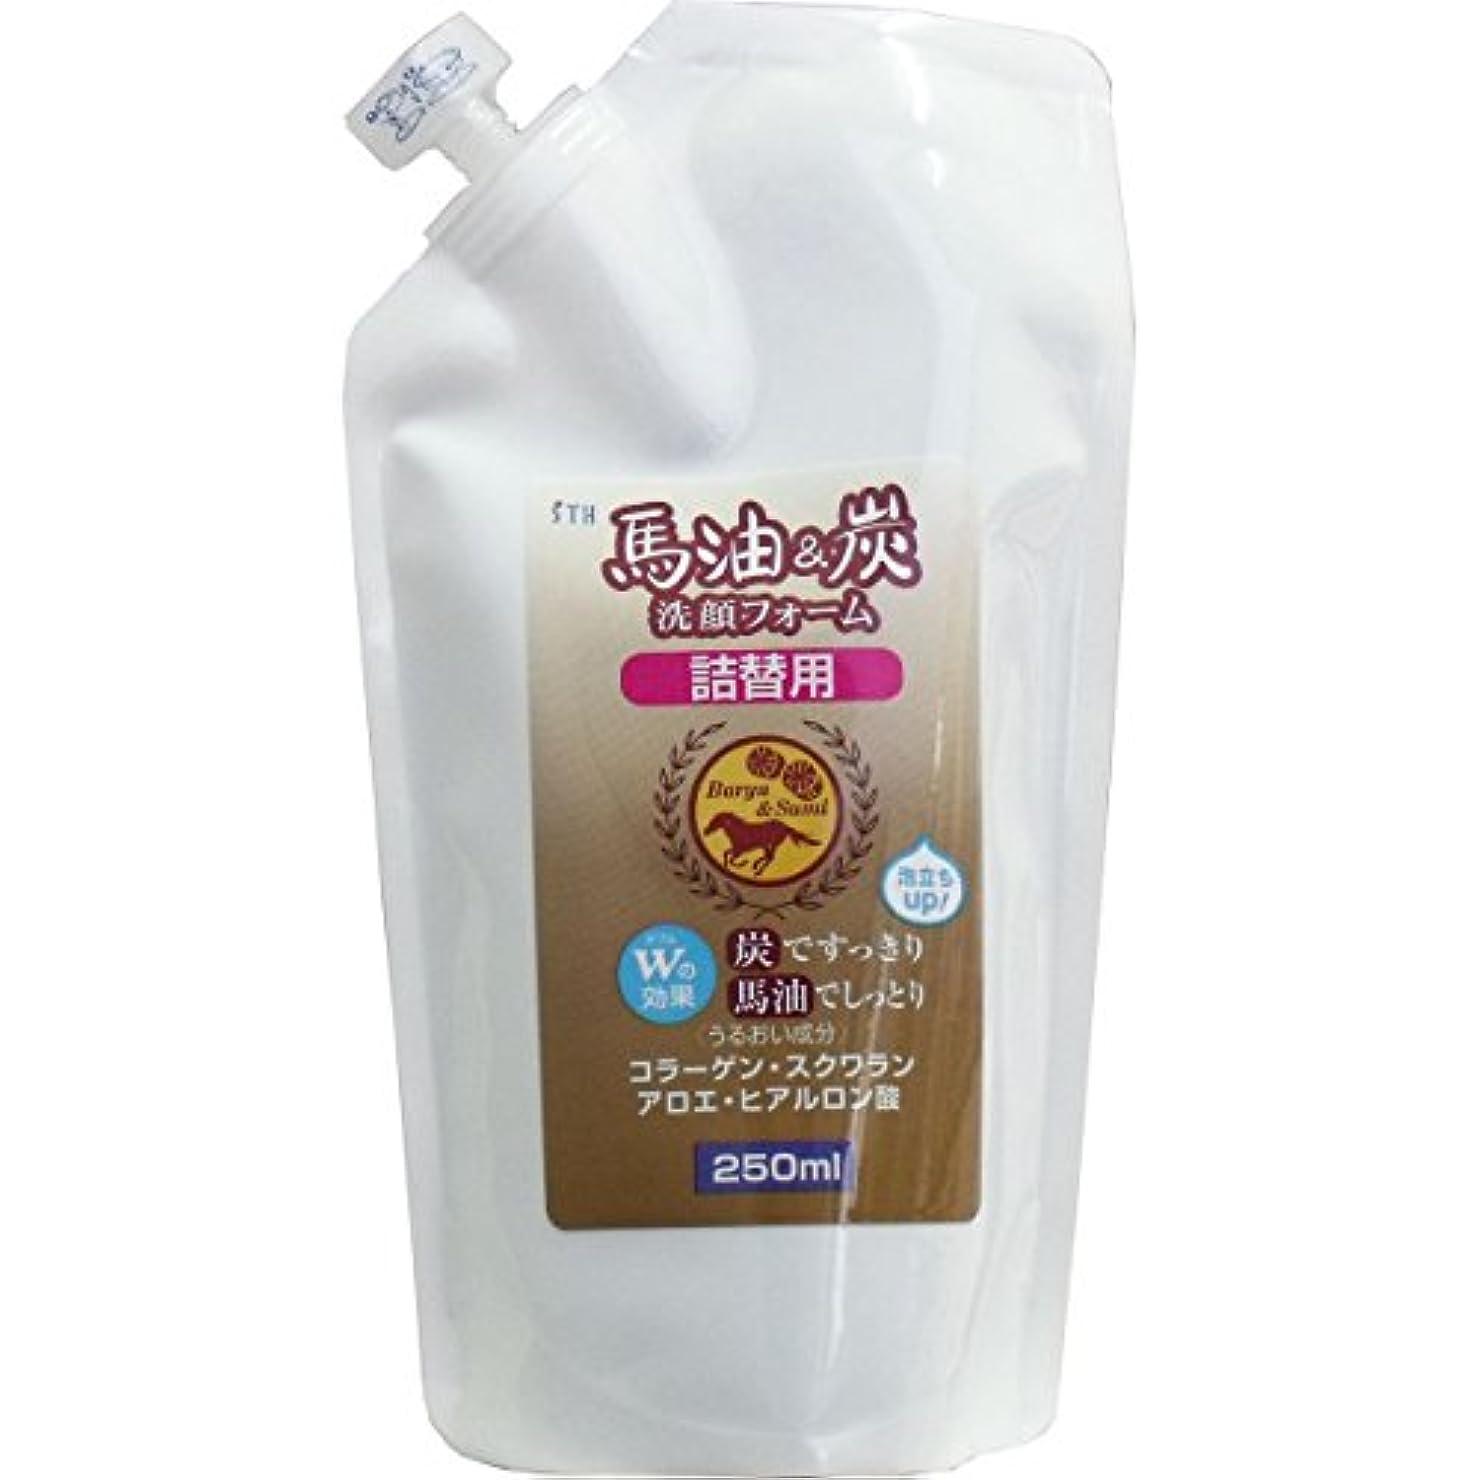 資格栄光の解凍する、雪解け、霜解け馬油&炭洗顔フォーム【詰替用250ml】×2袋